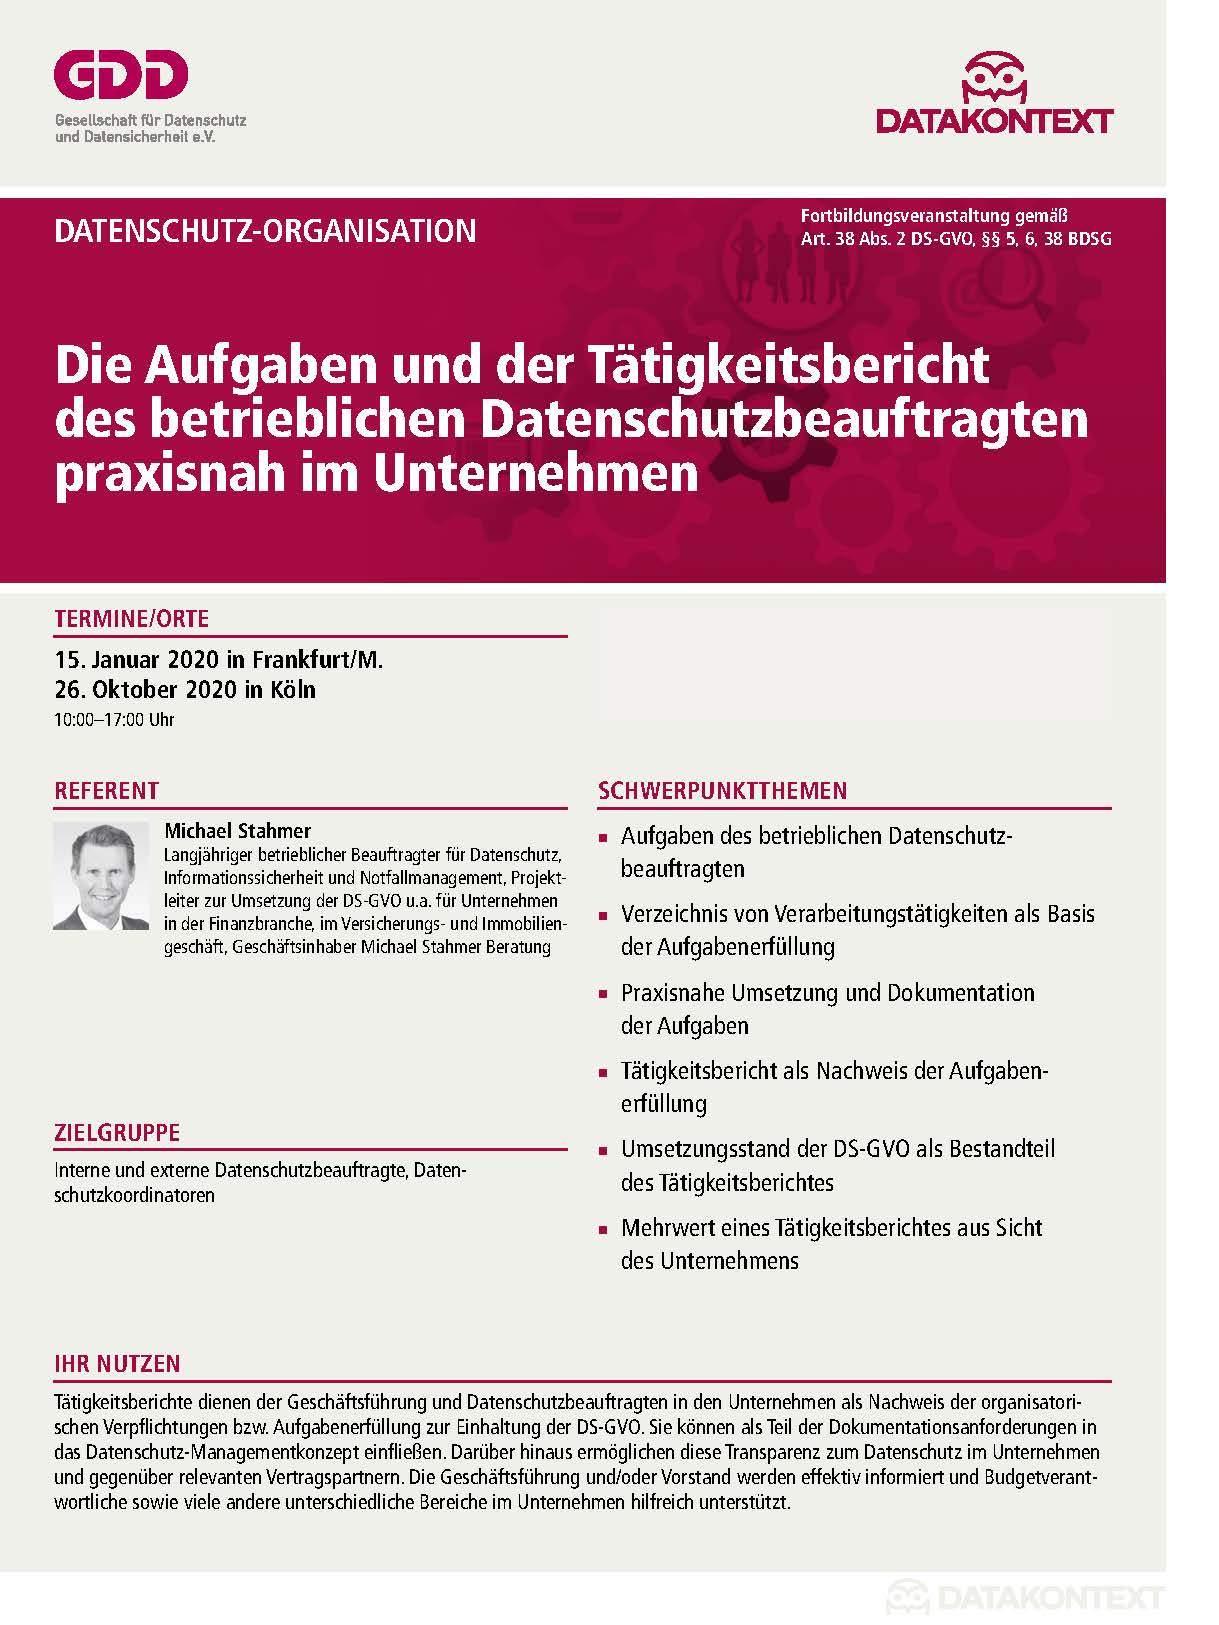 Betrieblicher Datenschutzbeauftragter 2019